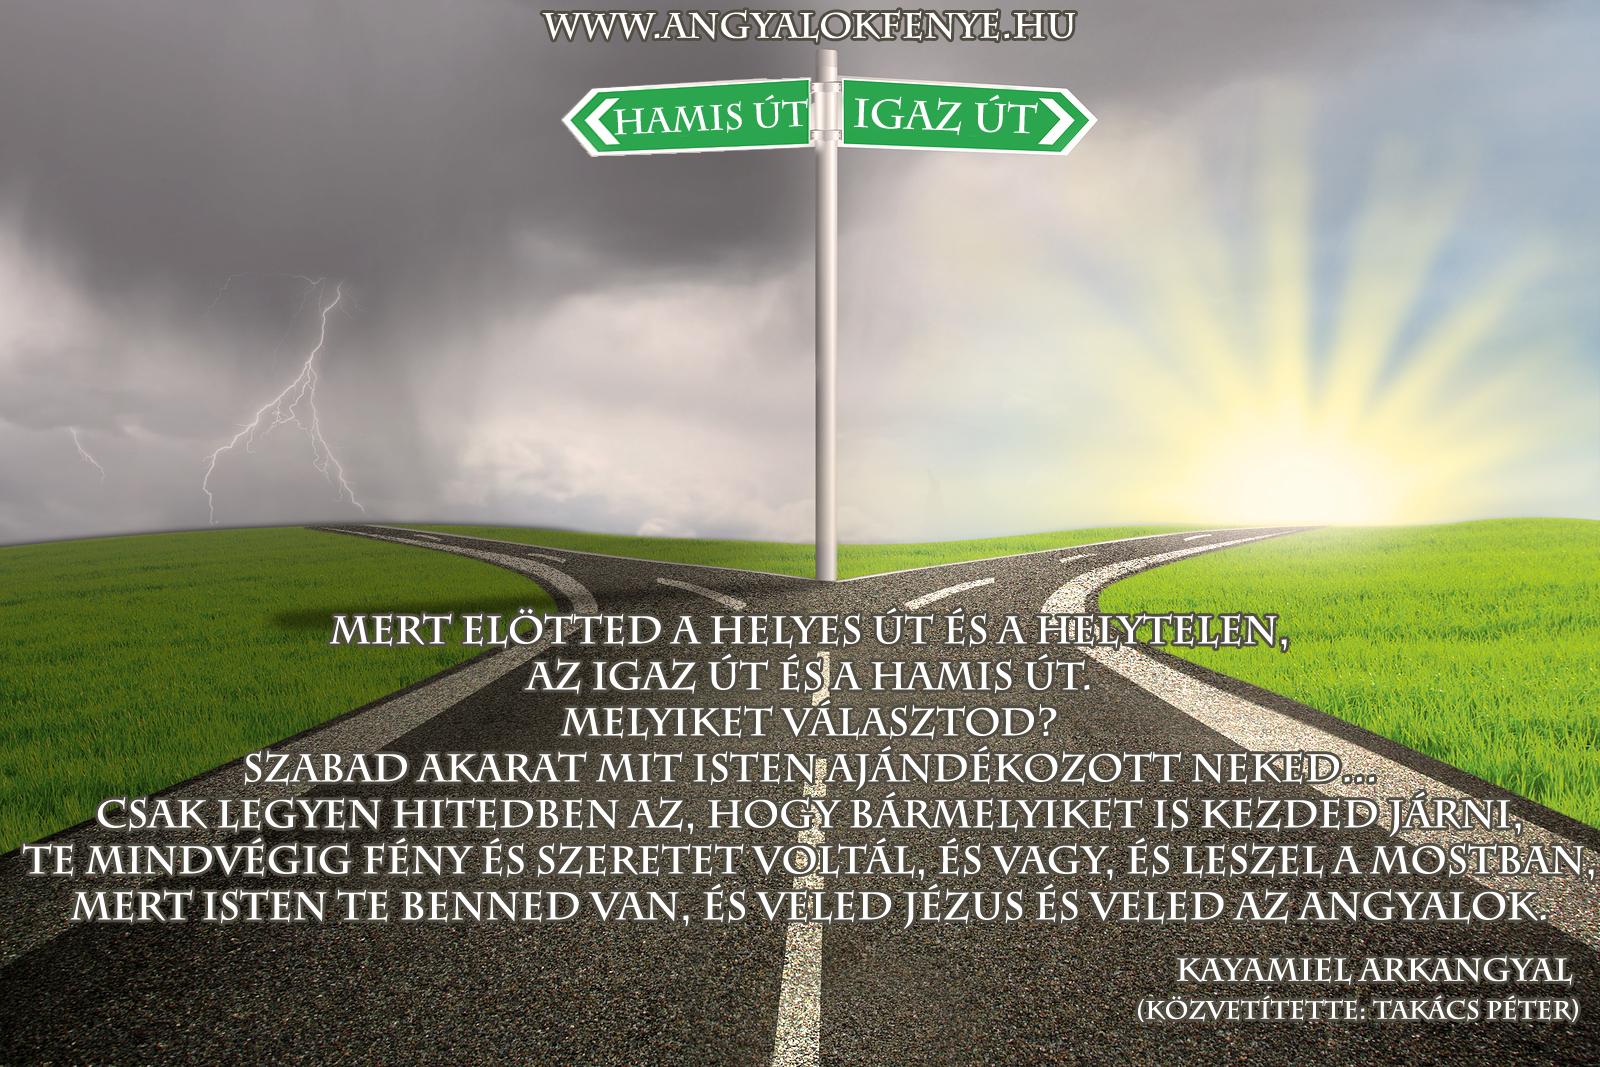 Kayamiel arkangyal üzenete: Igaz út, Hamis út